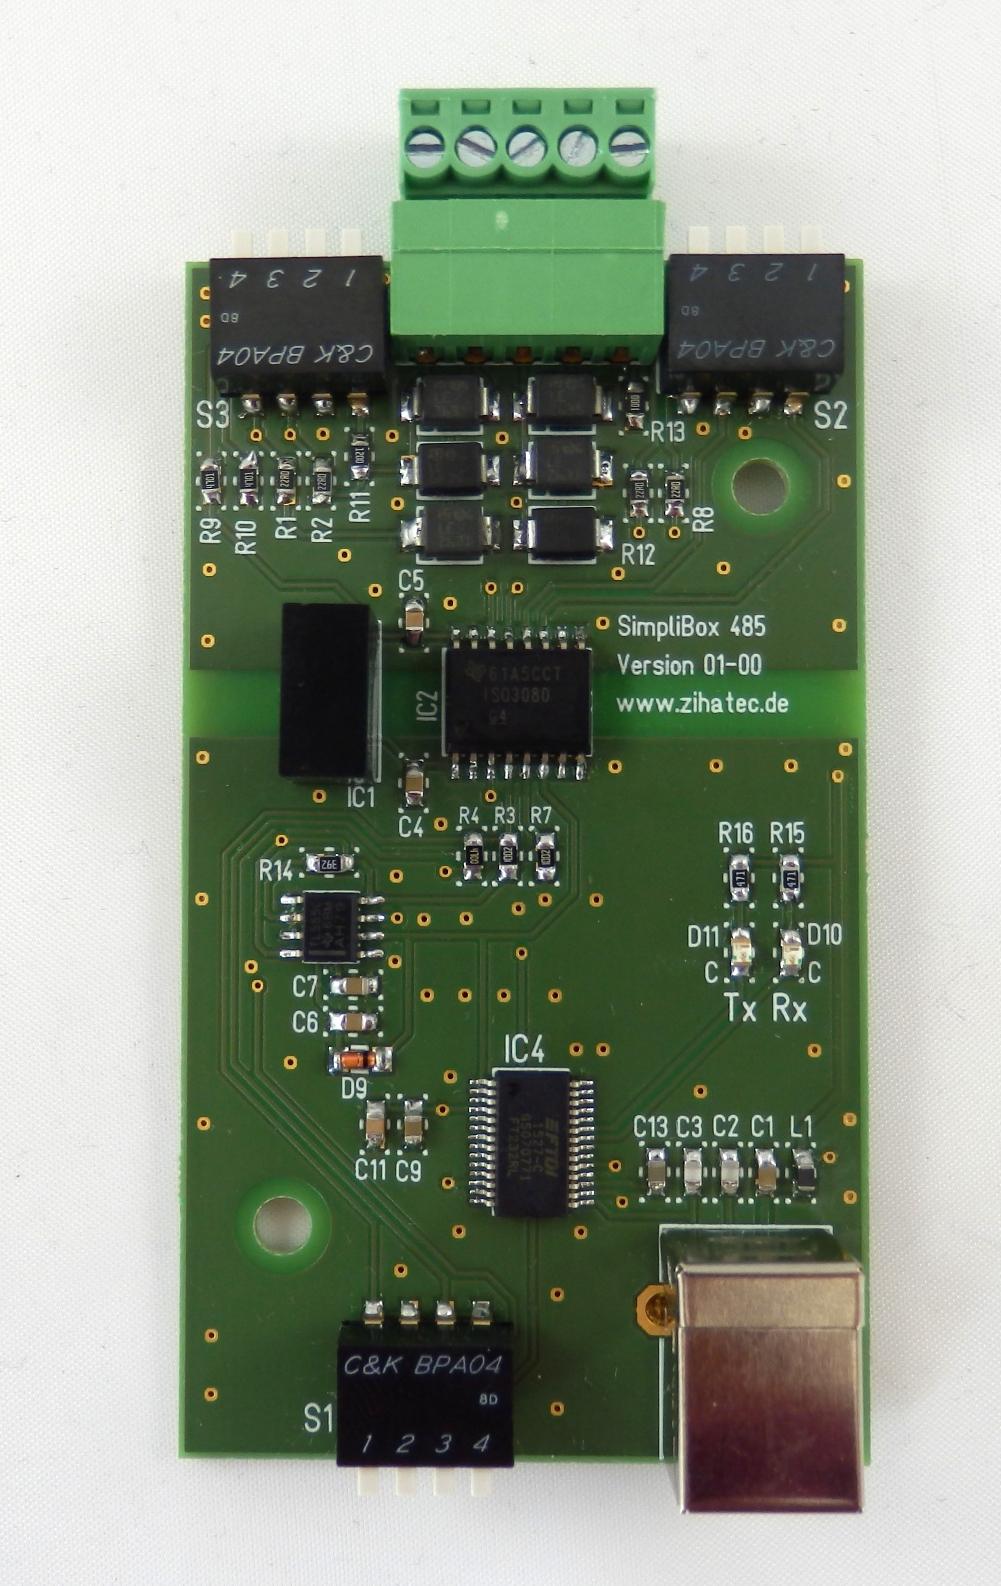 SimpliBox 485 - assembled pcb